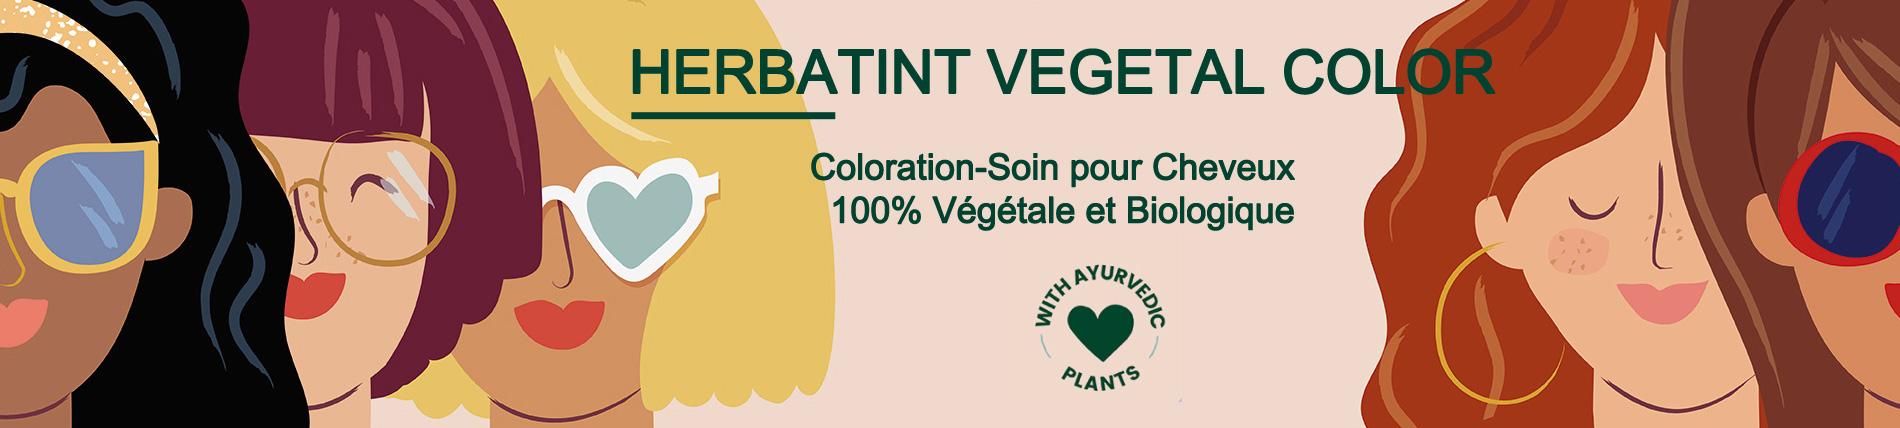 Les Produits Capillaires et de Coloration Végétale pour les Cheveux HERBATINT